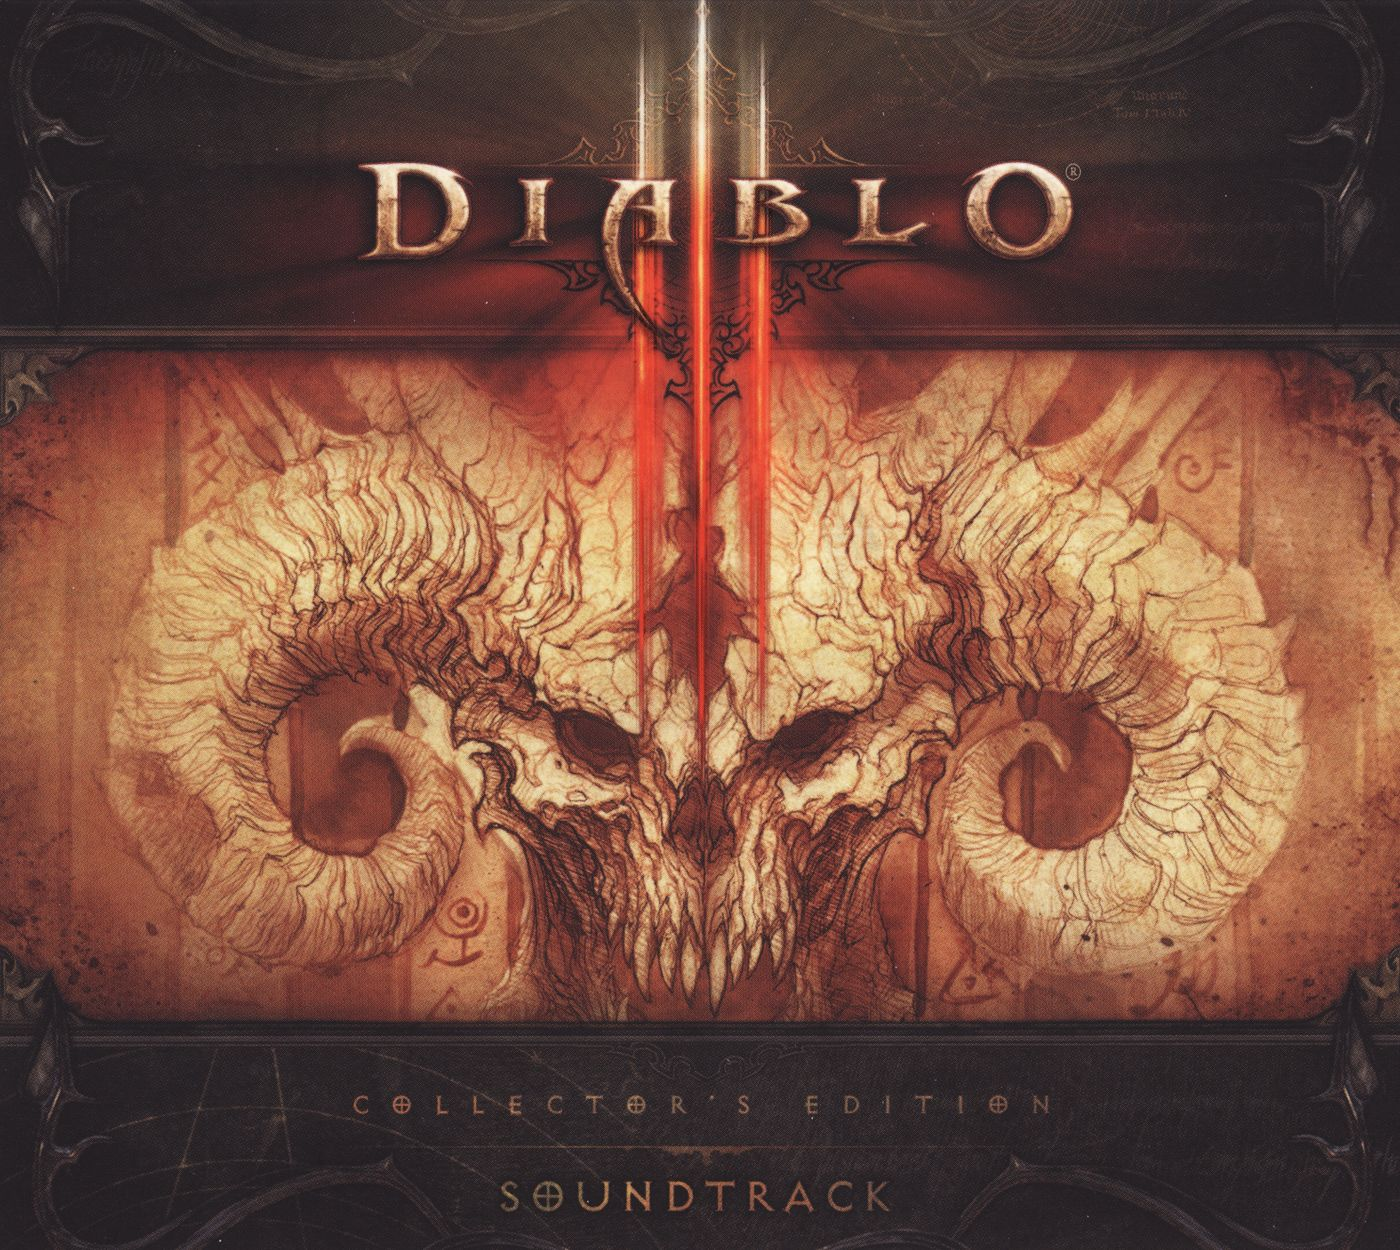 Diablo III Collector's Edition Soundtrack